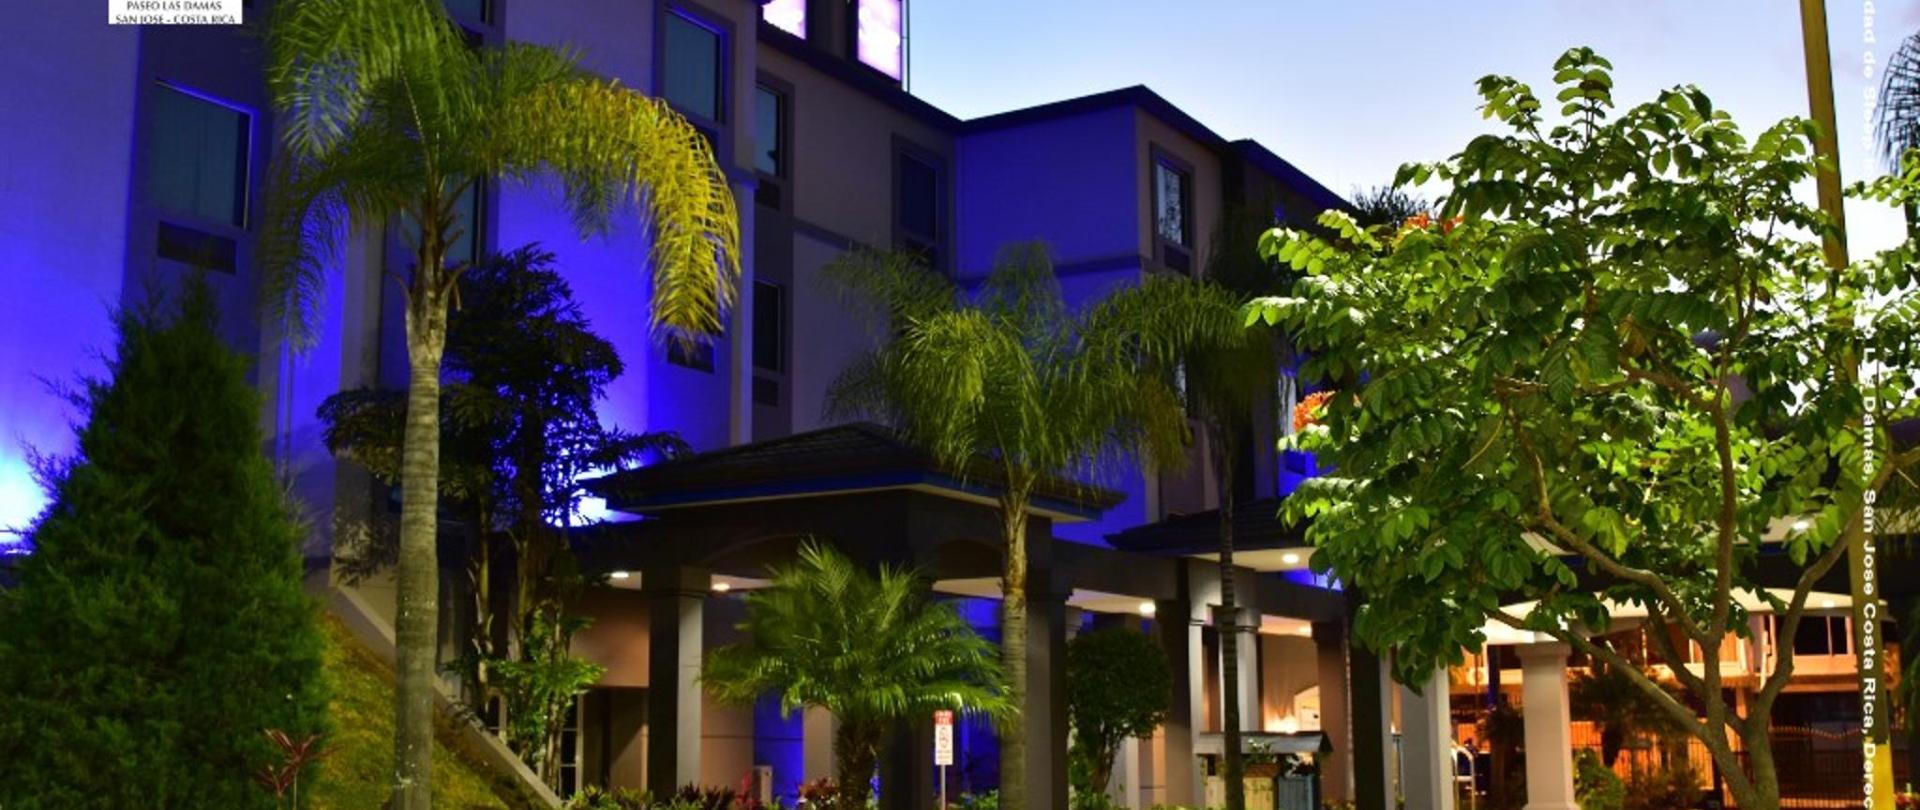 hotel-paseo-las-damas-fach19.jpg